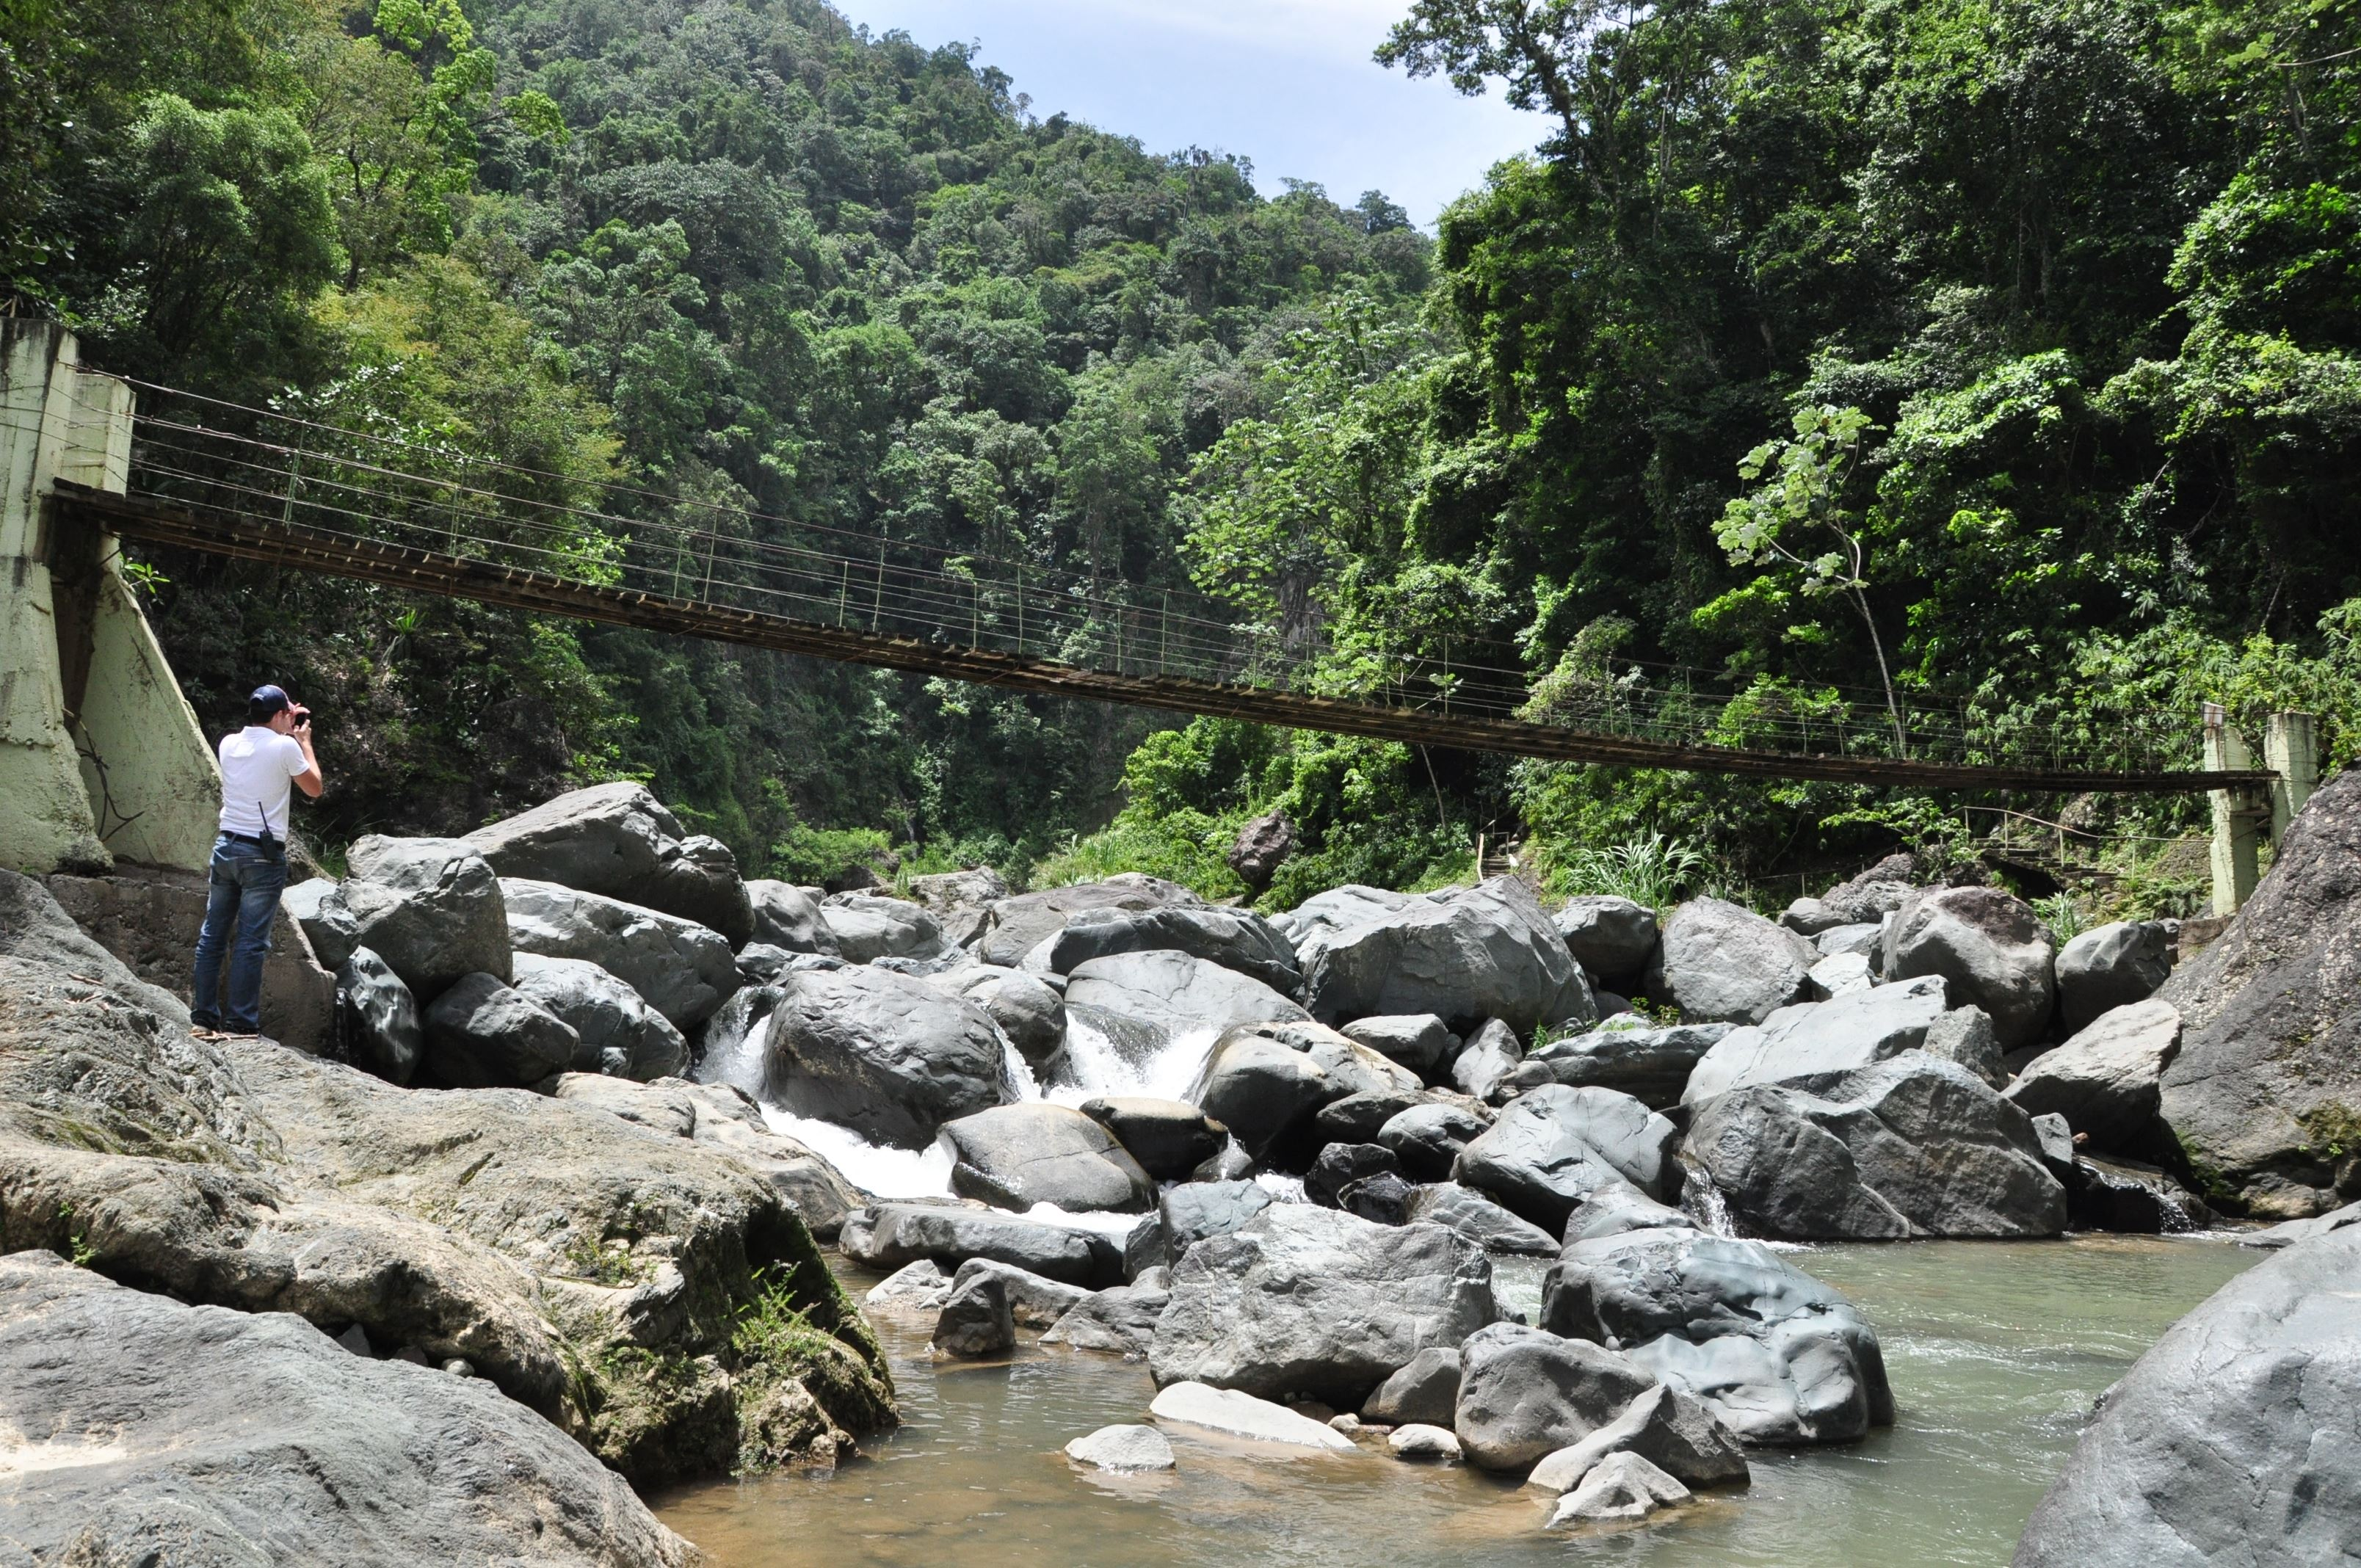 Safari to Salto Baiguate